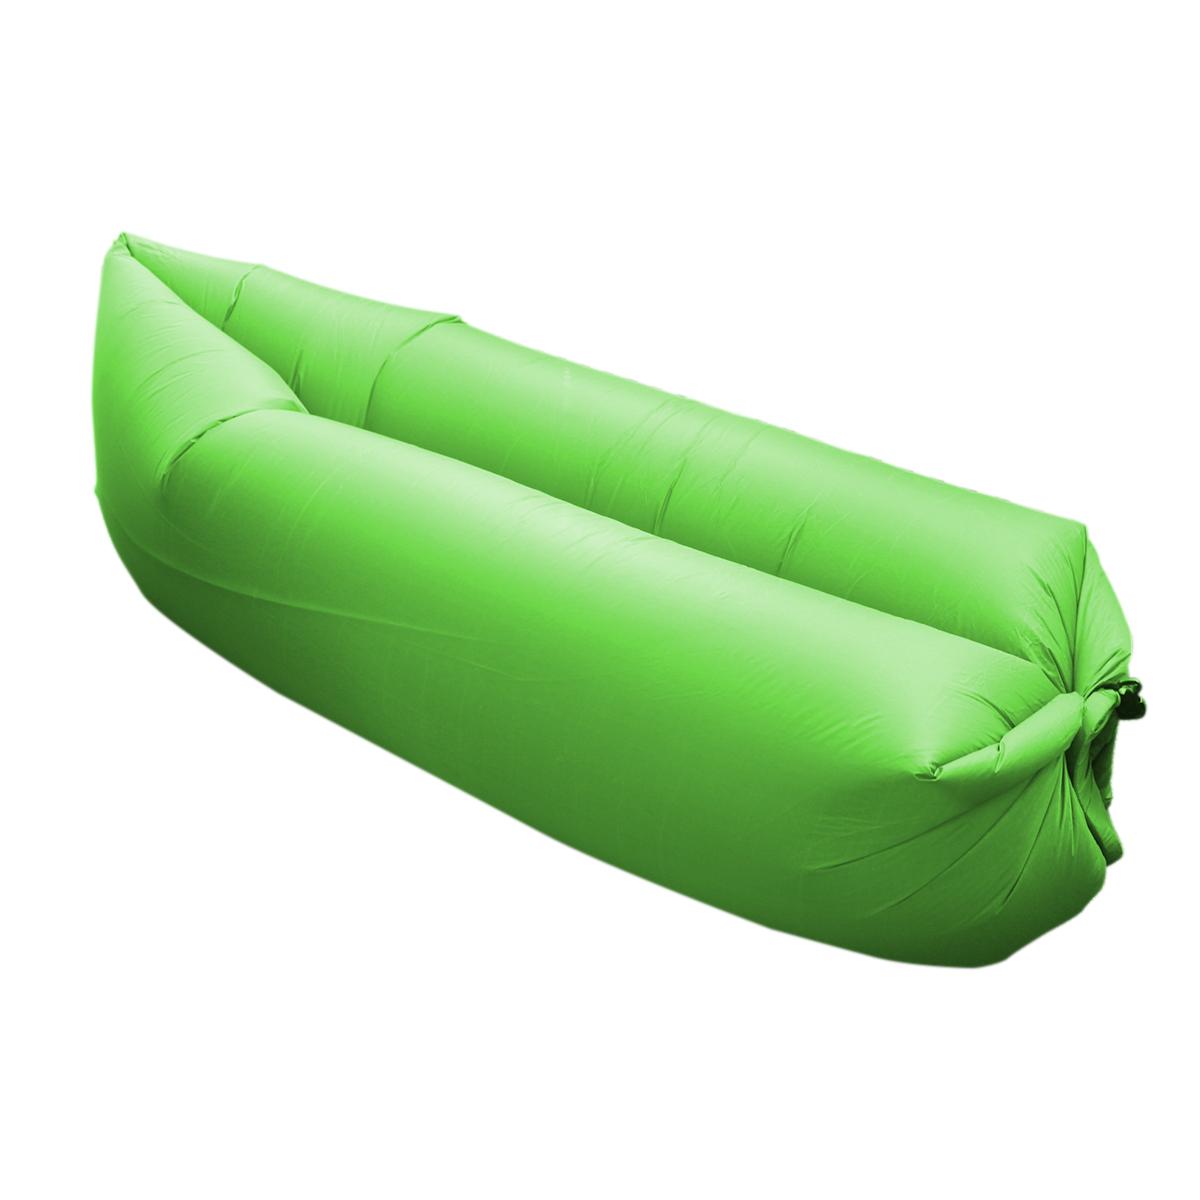 Nafukovací vak MASTER Lazy Air - zelený